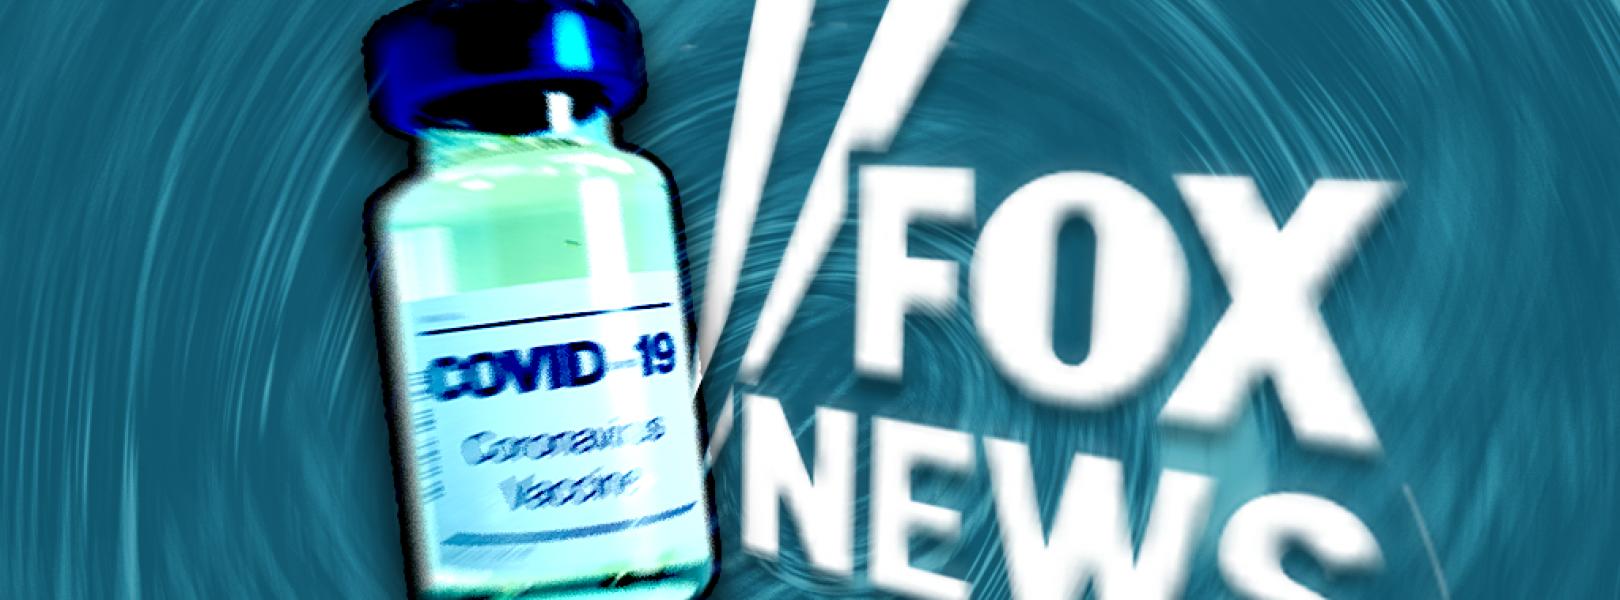 vaccines fox